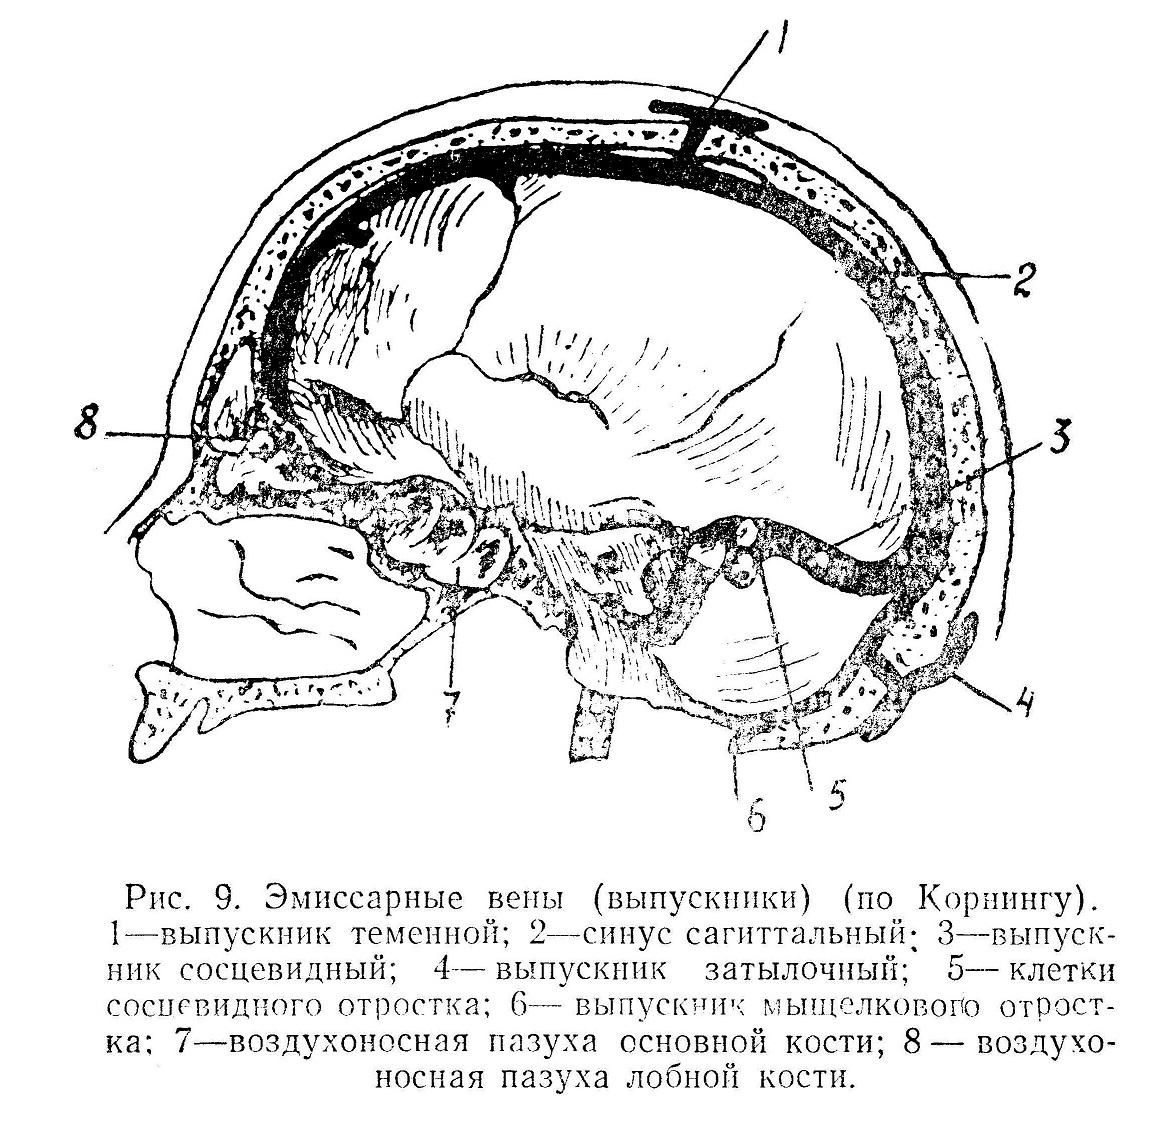 Эмиссарные вены